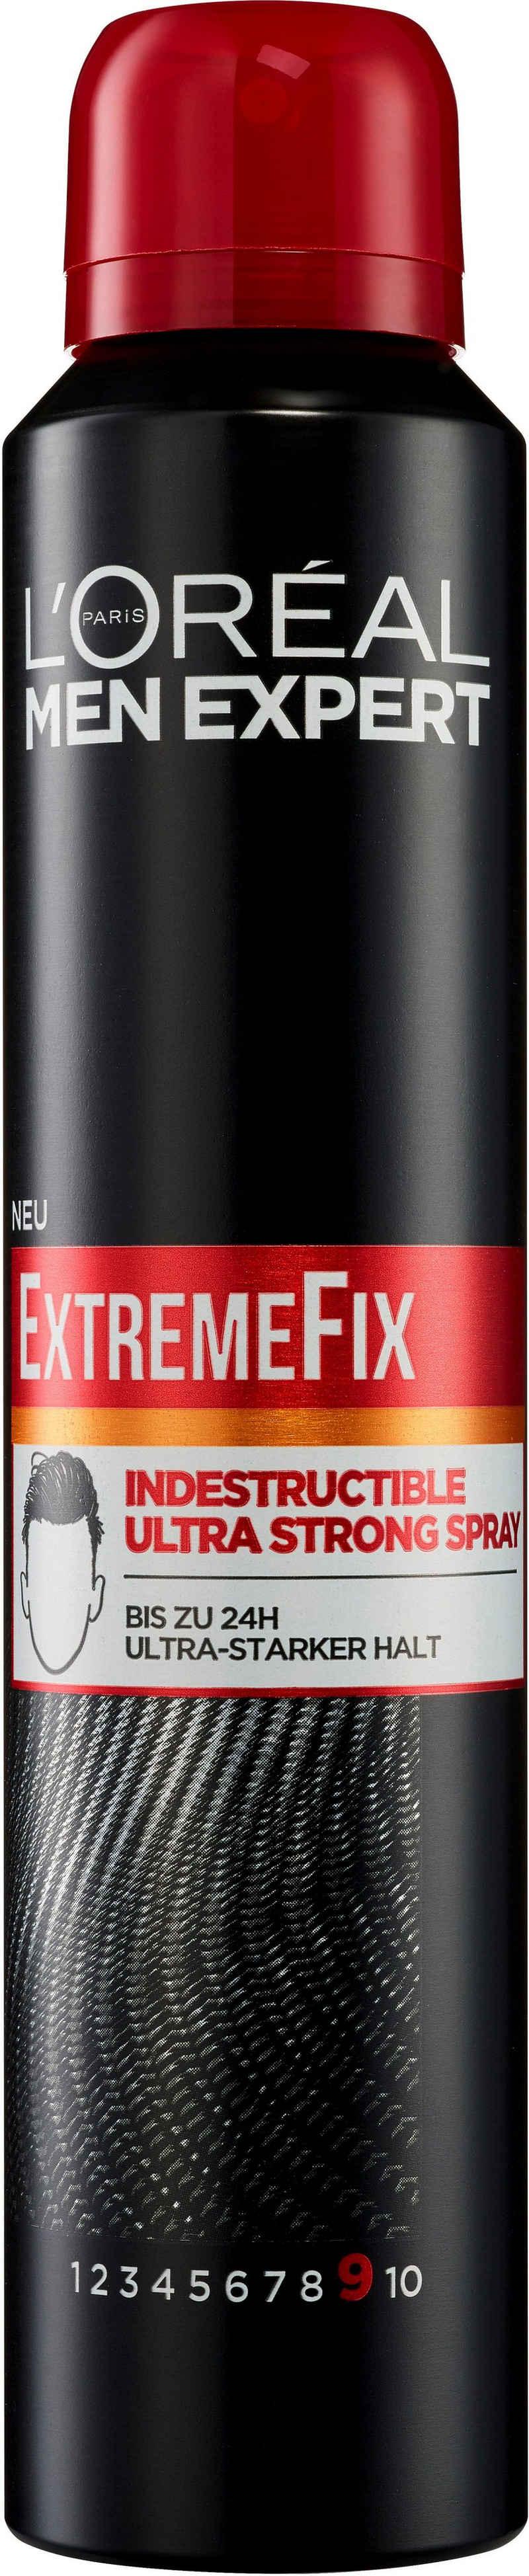 L'ORÉAL PARIS MEN EXPERT Haarspray »Extreme Fix Indestructible Spray«